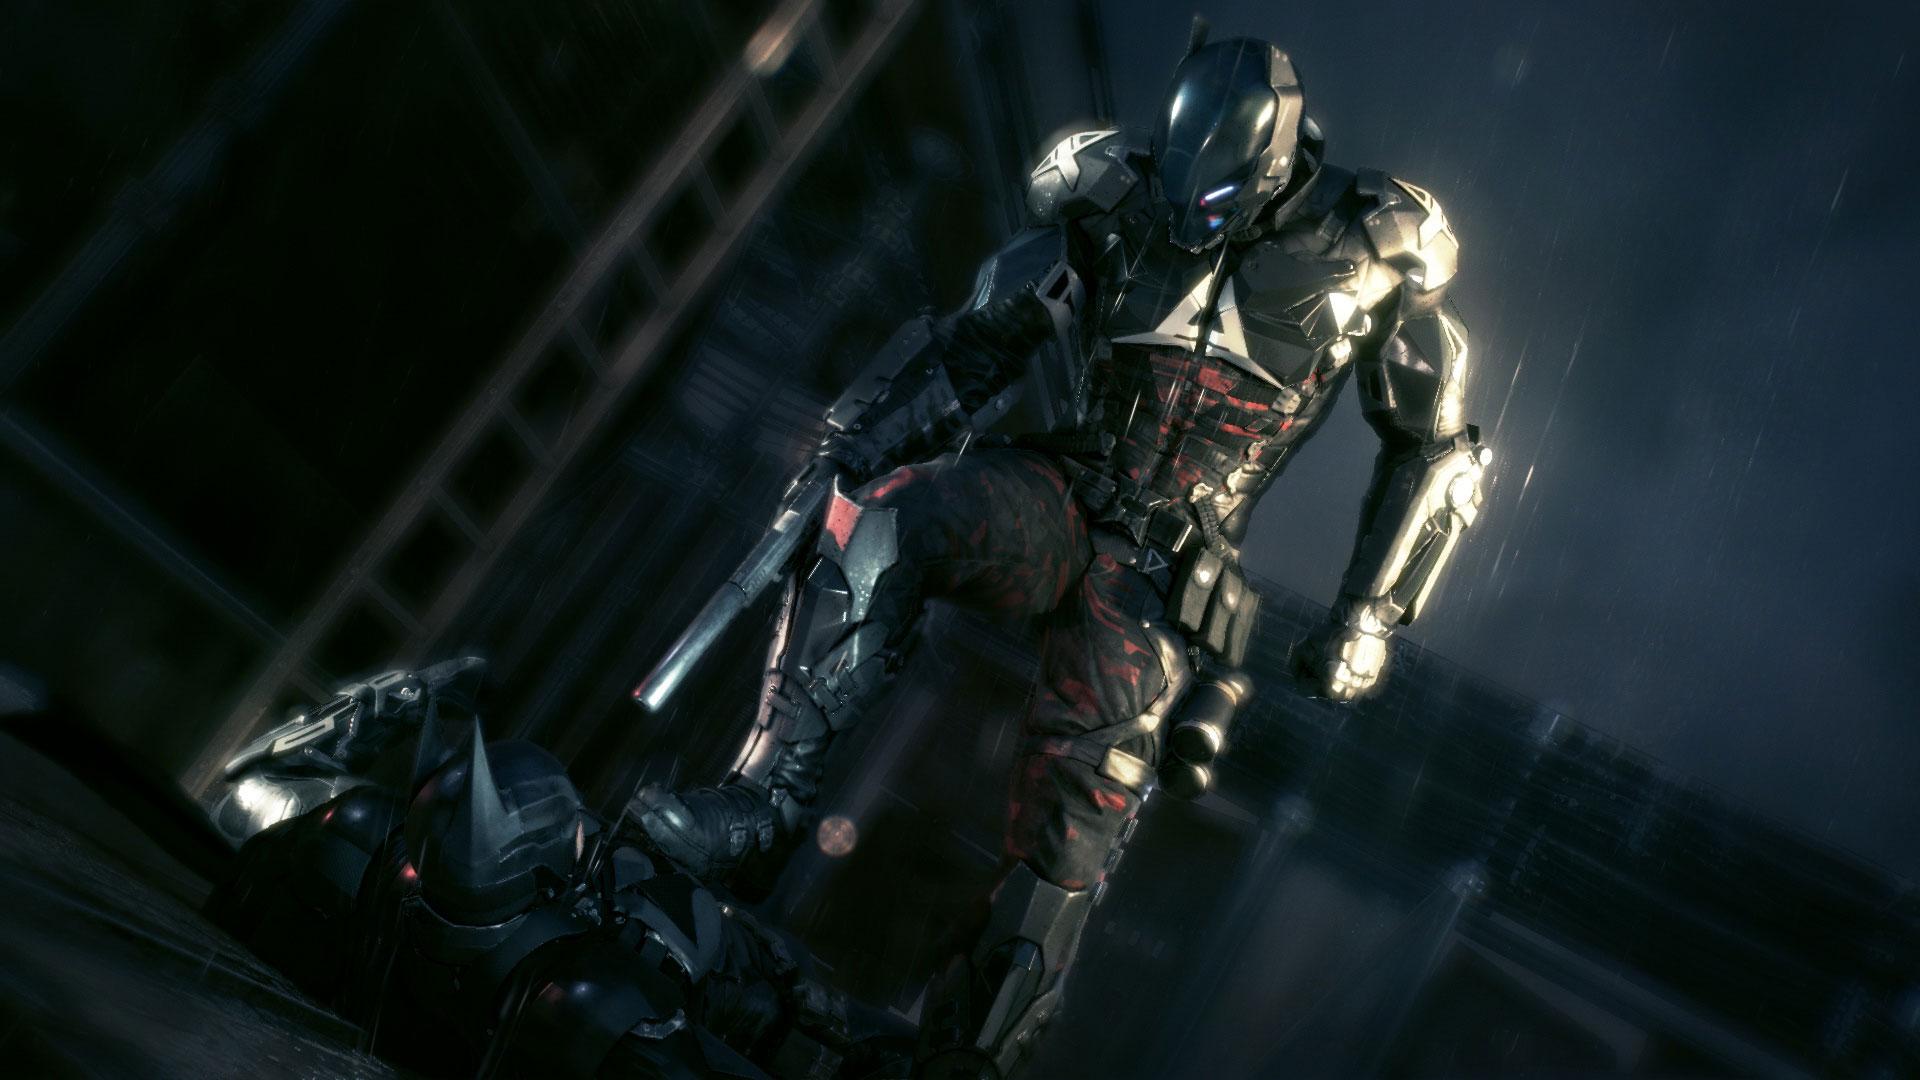 蝙蝠侠阿甘骑士高清壁纸 最新游戏壁纸大全